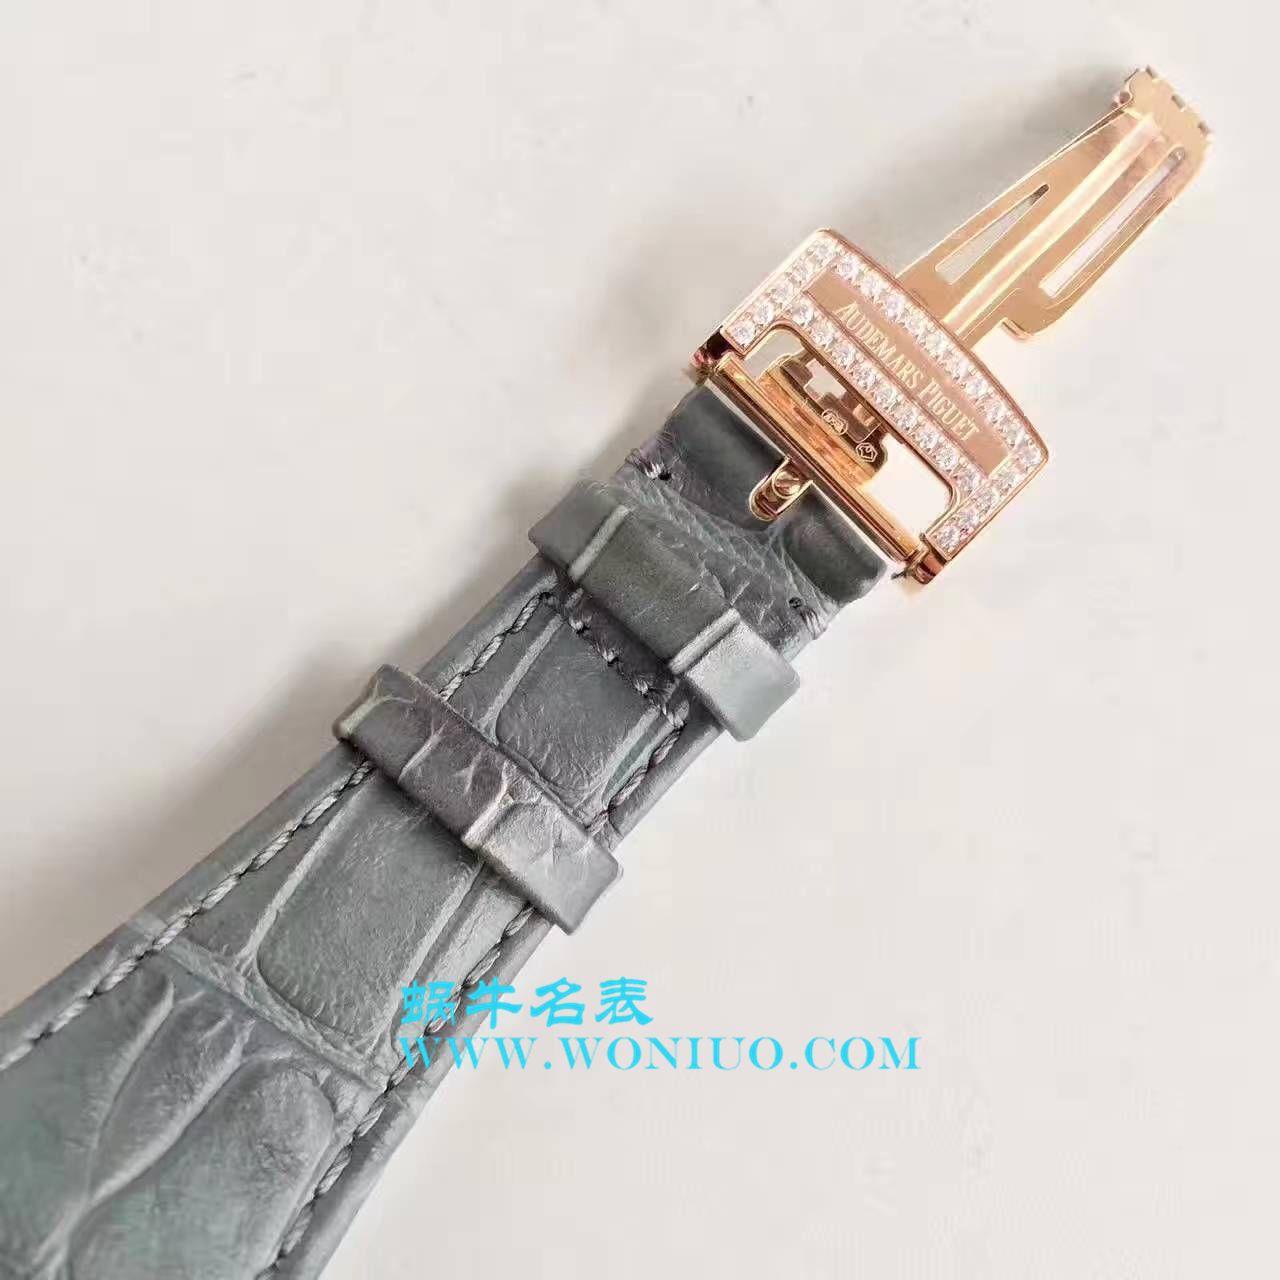 【视频评测JF厂Audemars Piguet复刻手表】爱彼皇家橡树系列15402OR.ZZ.D003CR.01腕表